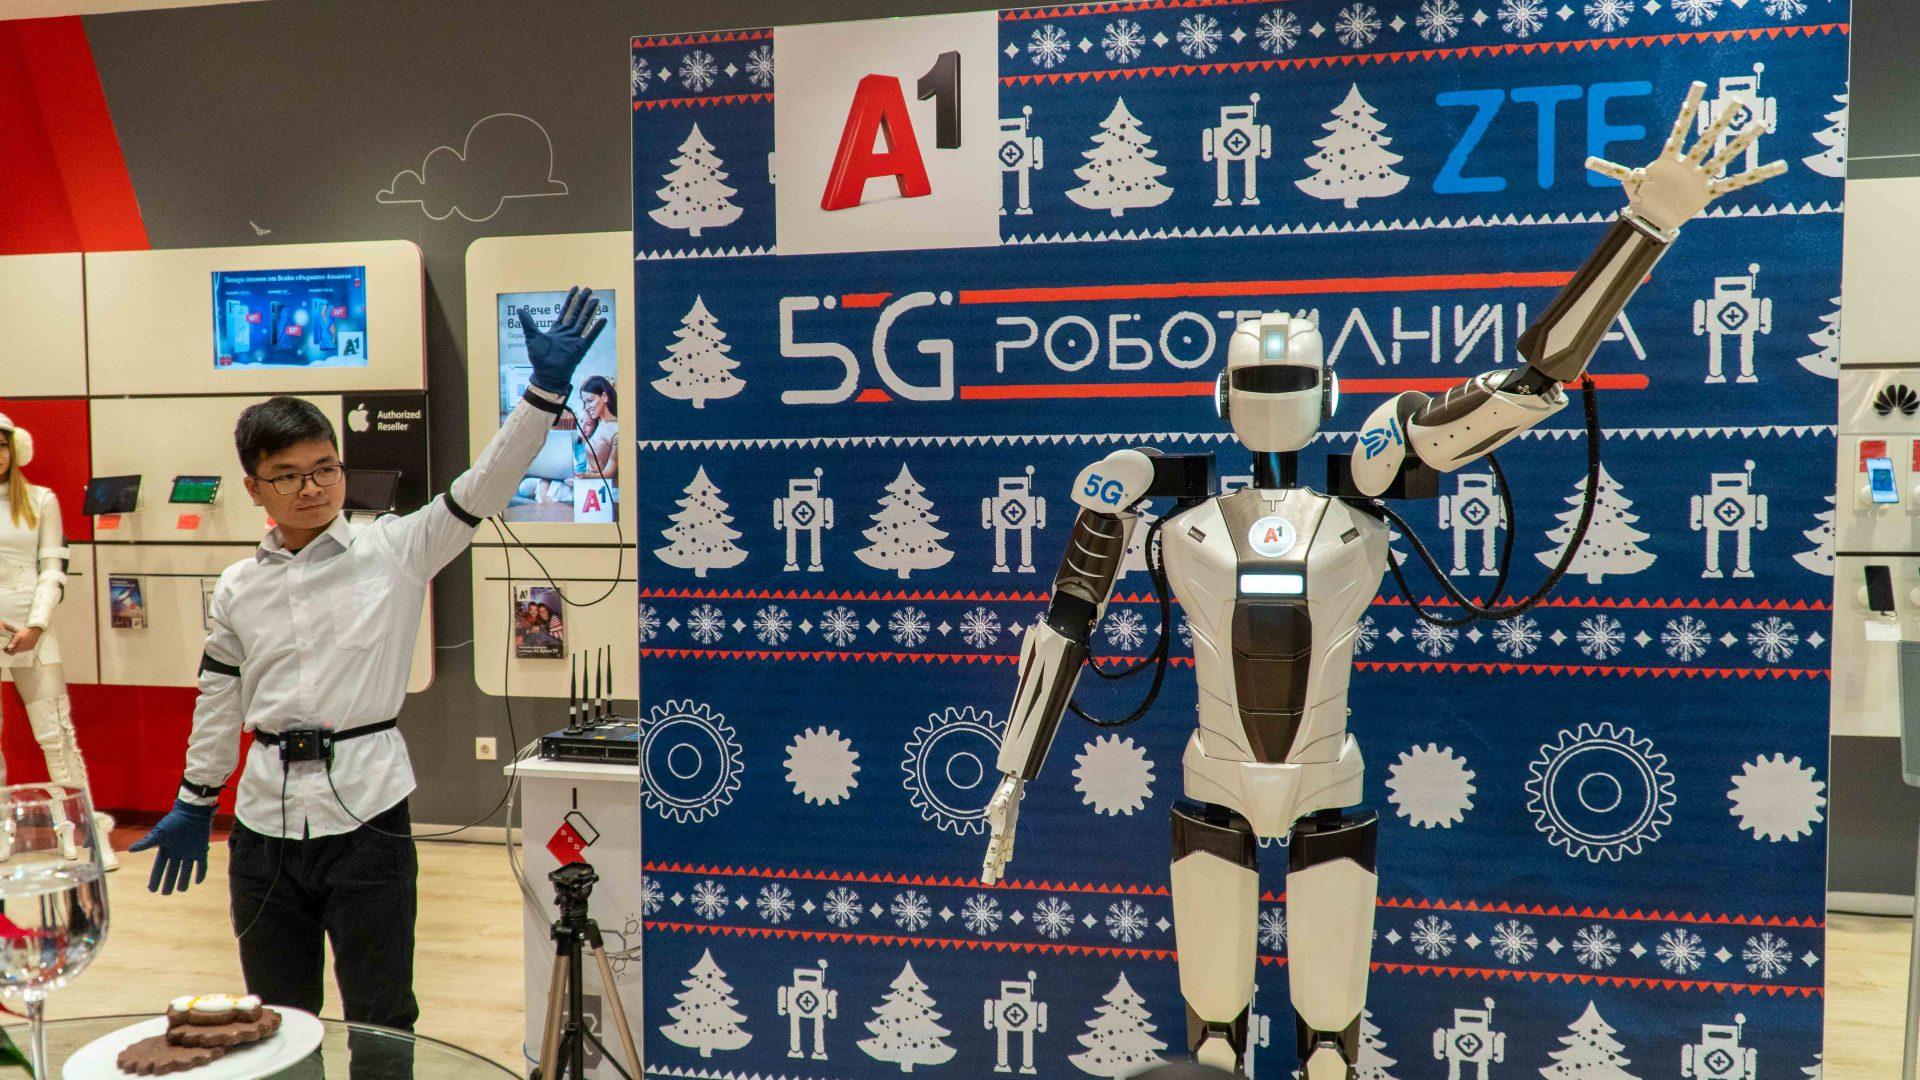 5G 5G РОБОтилница радва посетителите на магазина на А1 в Mall of Sofia А1 Блог